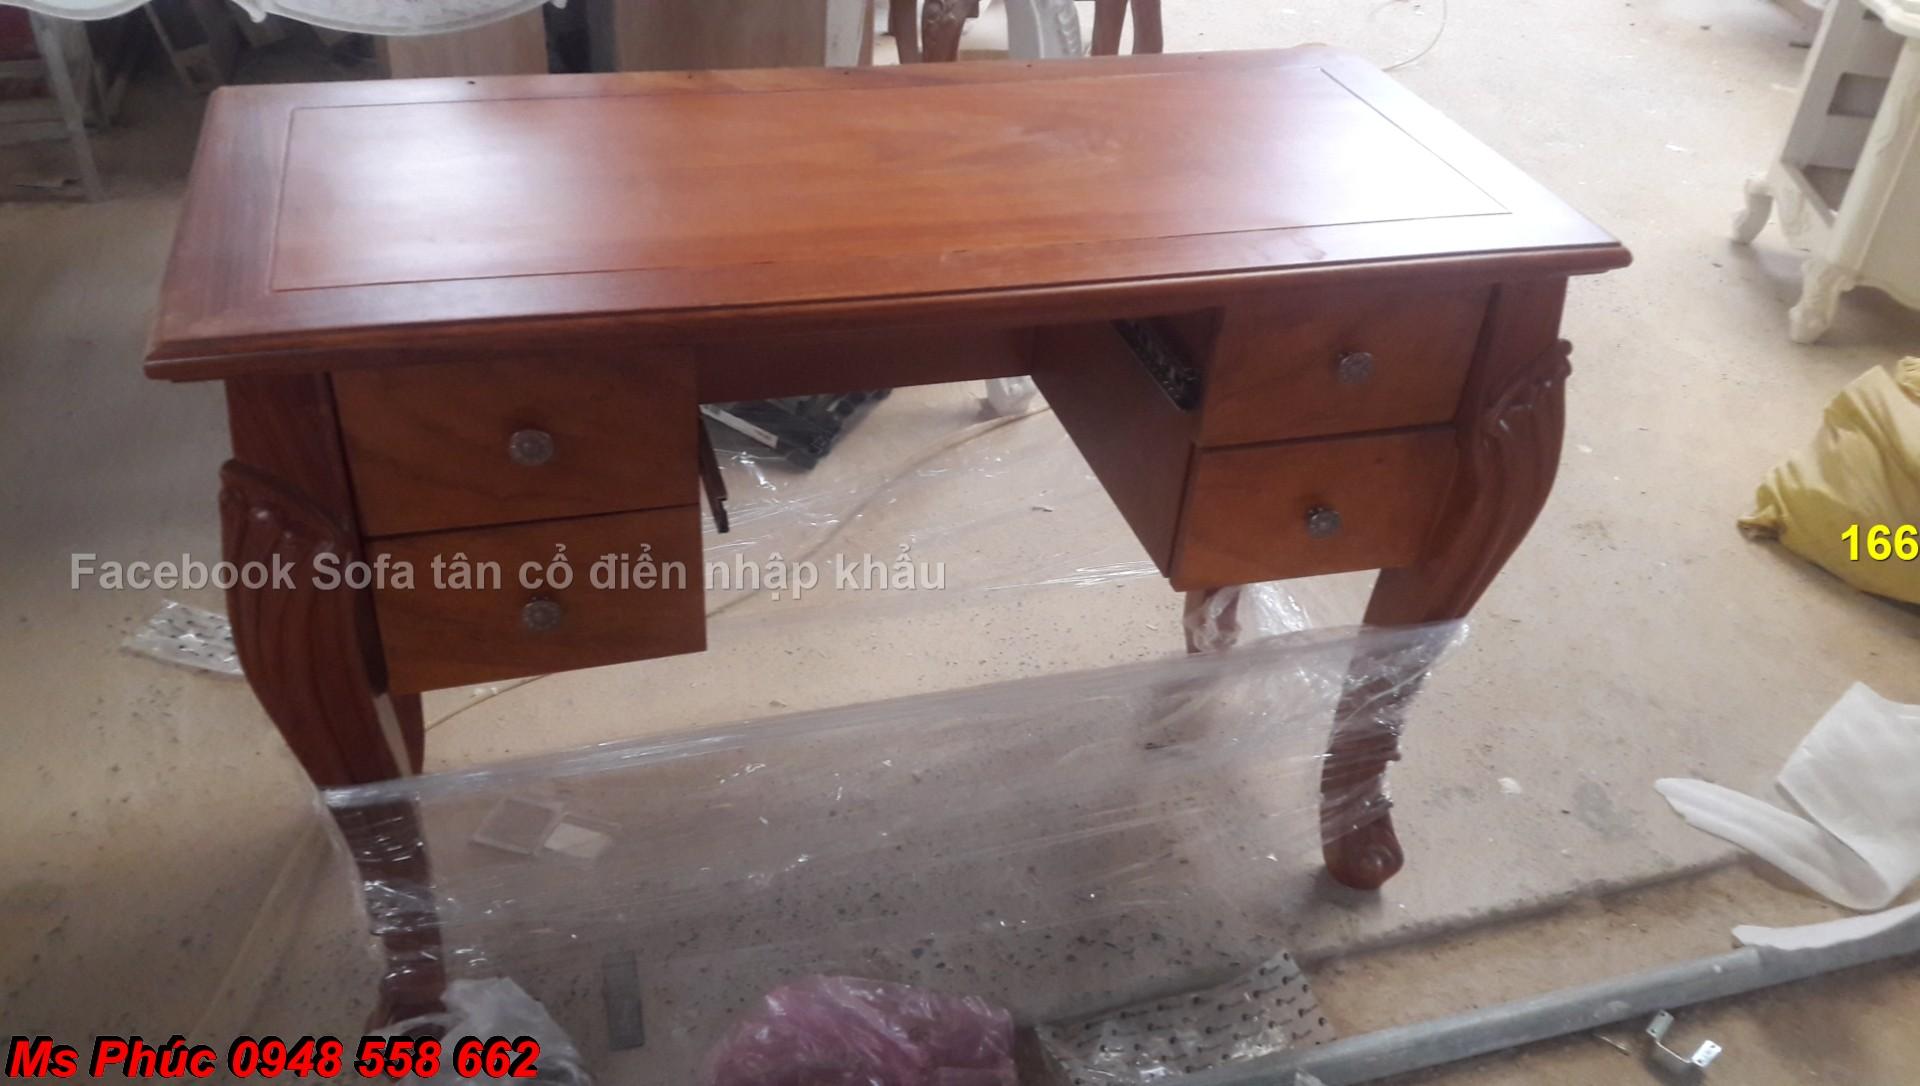 8 Xưởng chuyên đặt đóng bàn phấn trang điểm gỗ tự nhiên mẫu mã nhập khẩu cao cấp tại Đồng Nai